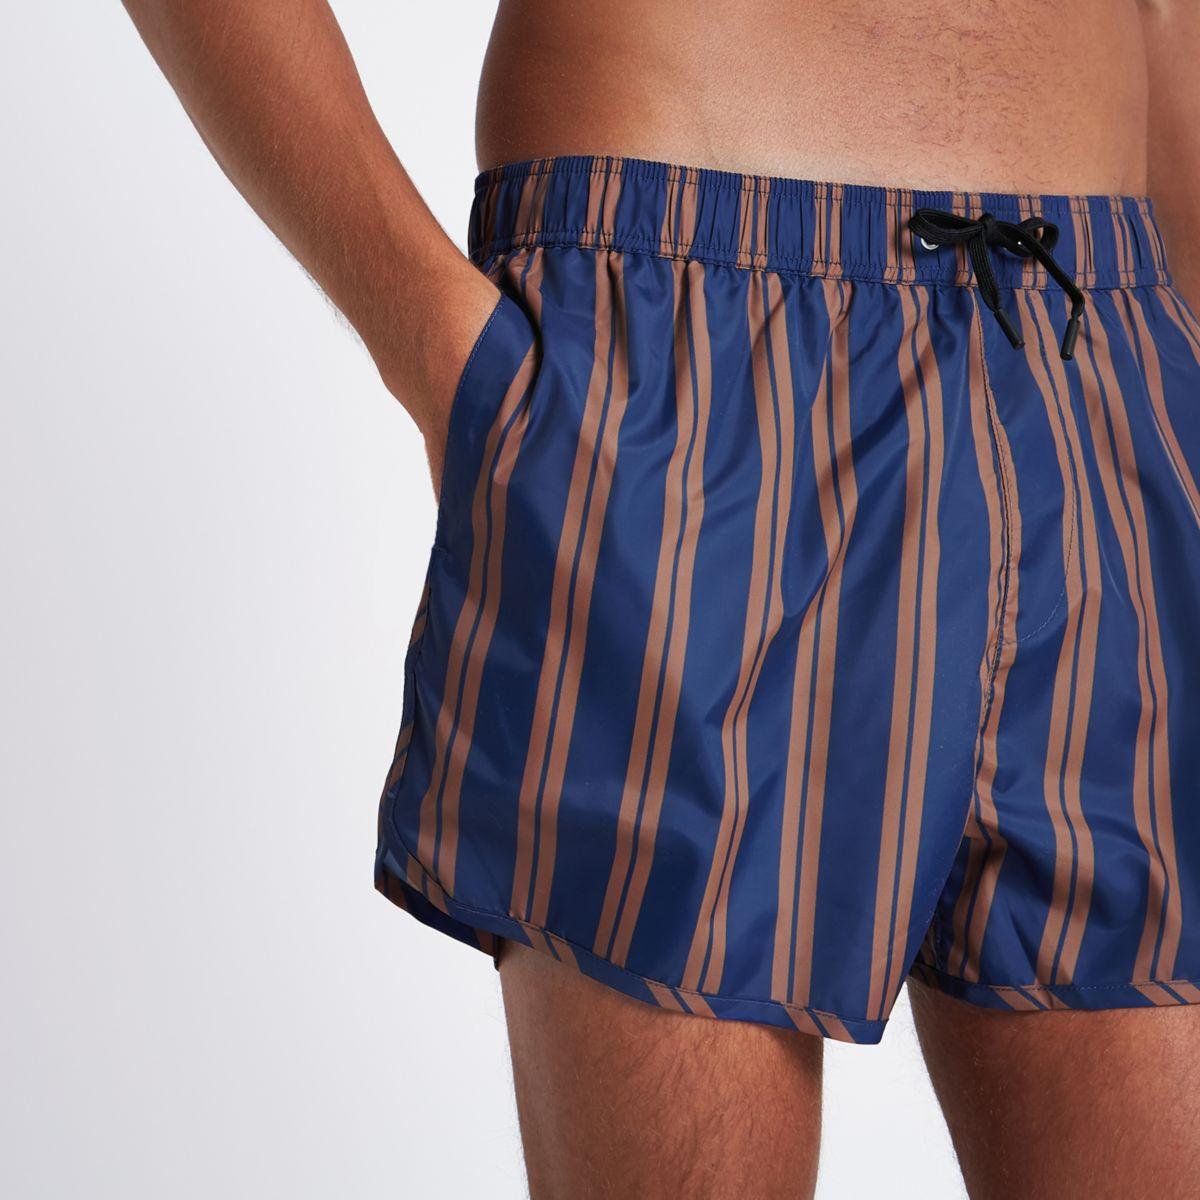 Blue stripe runner style short swim shorts